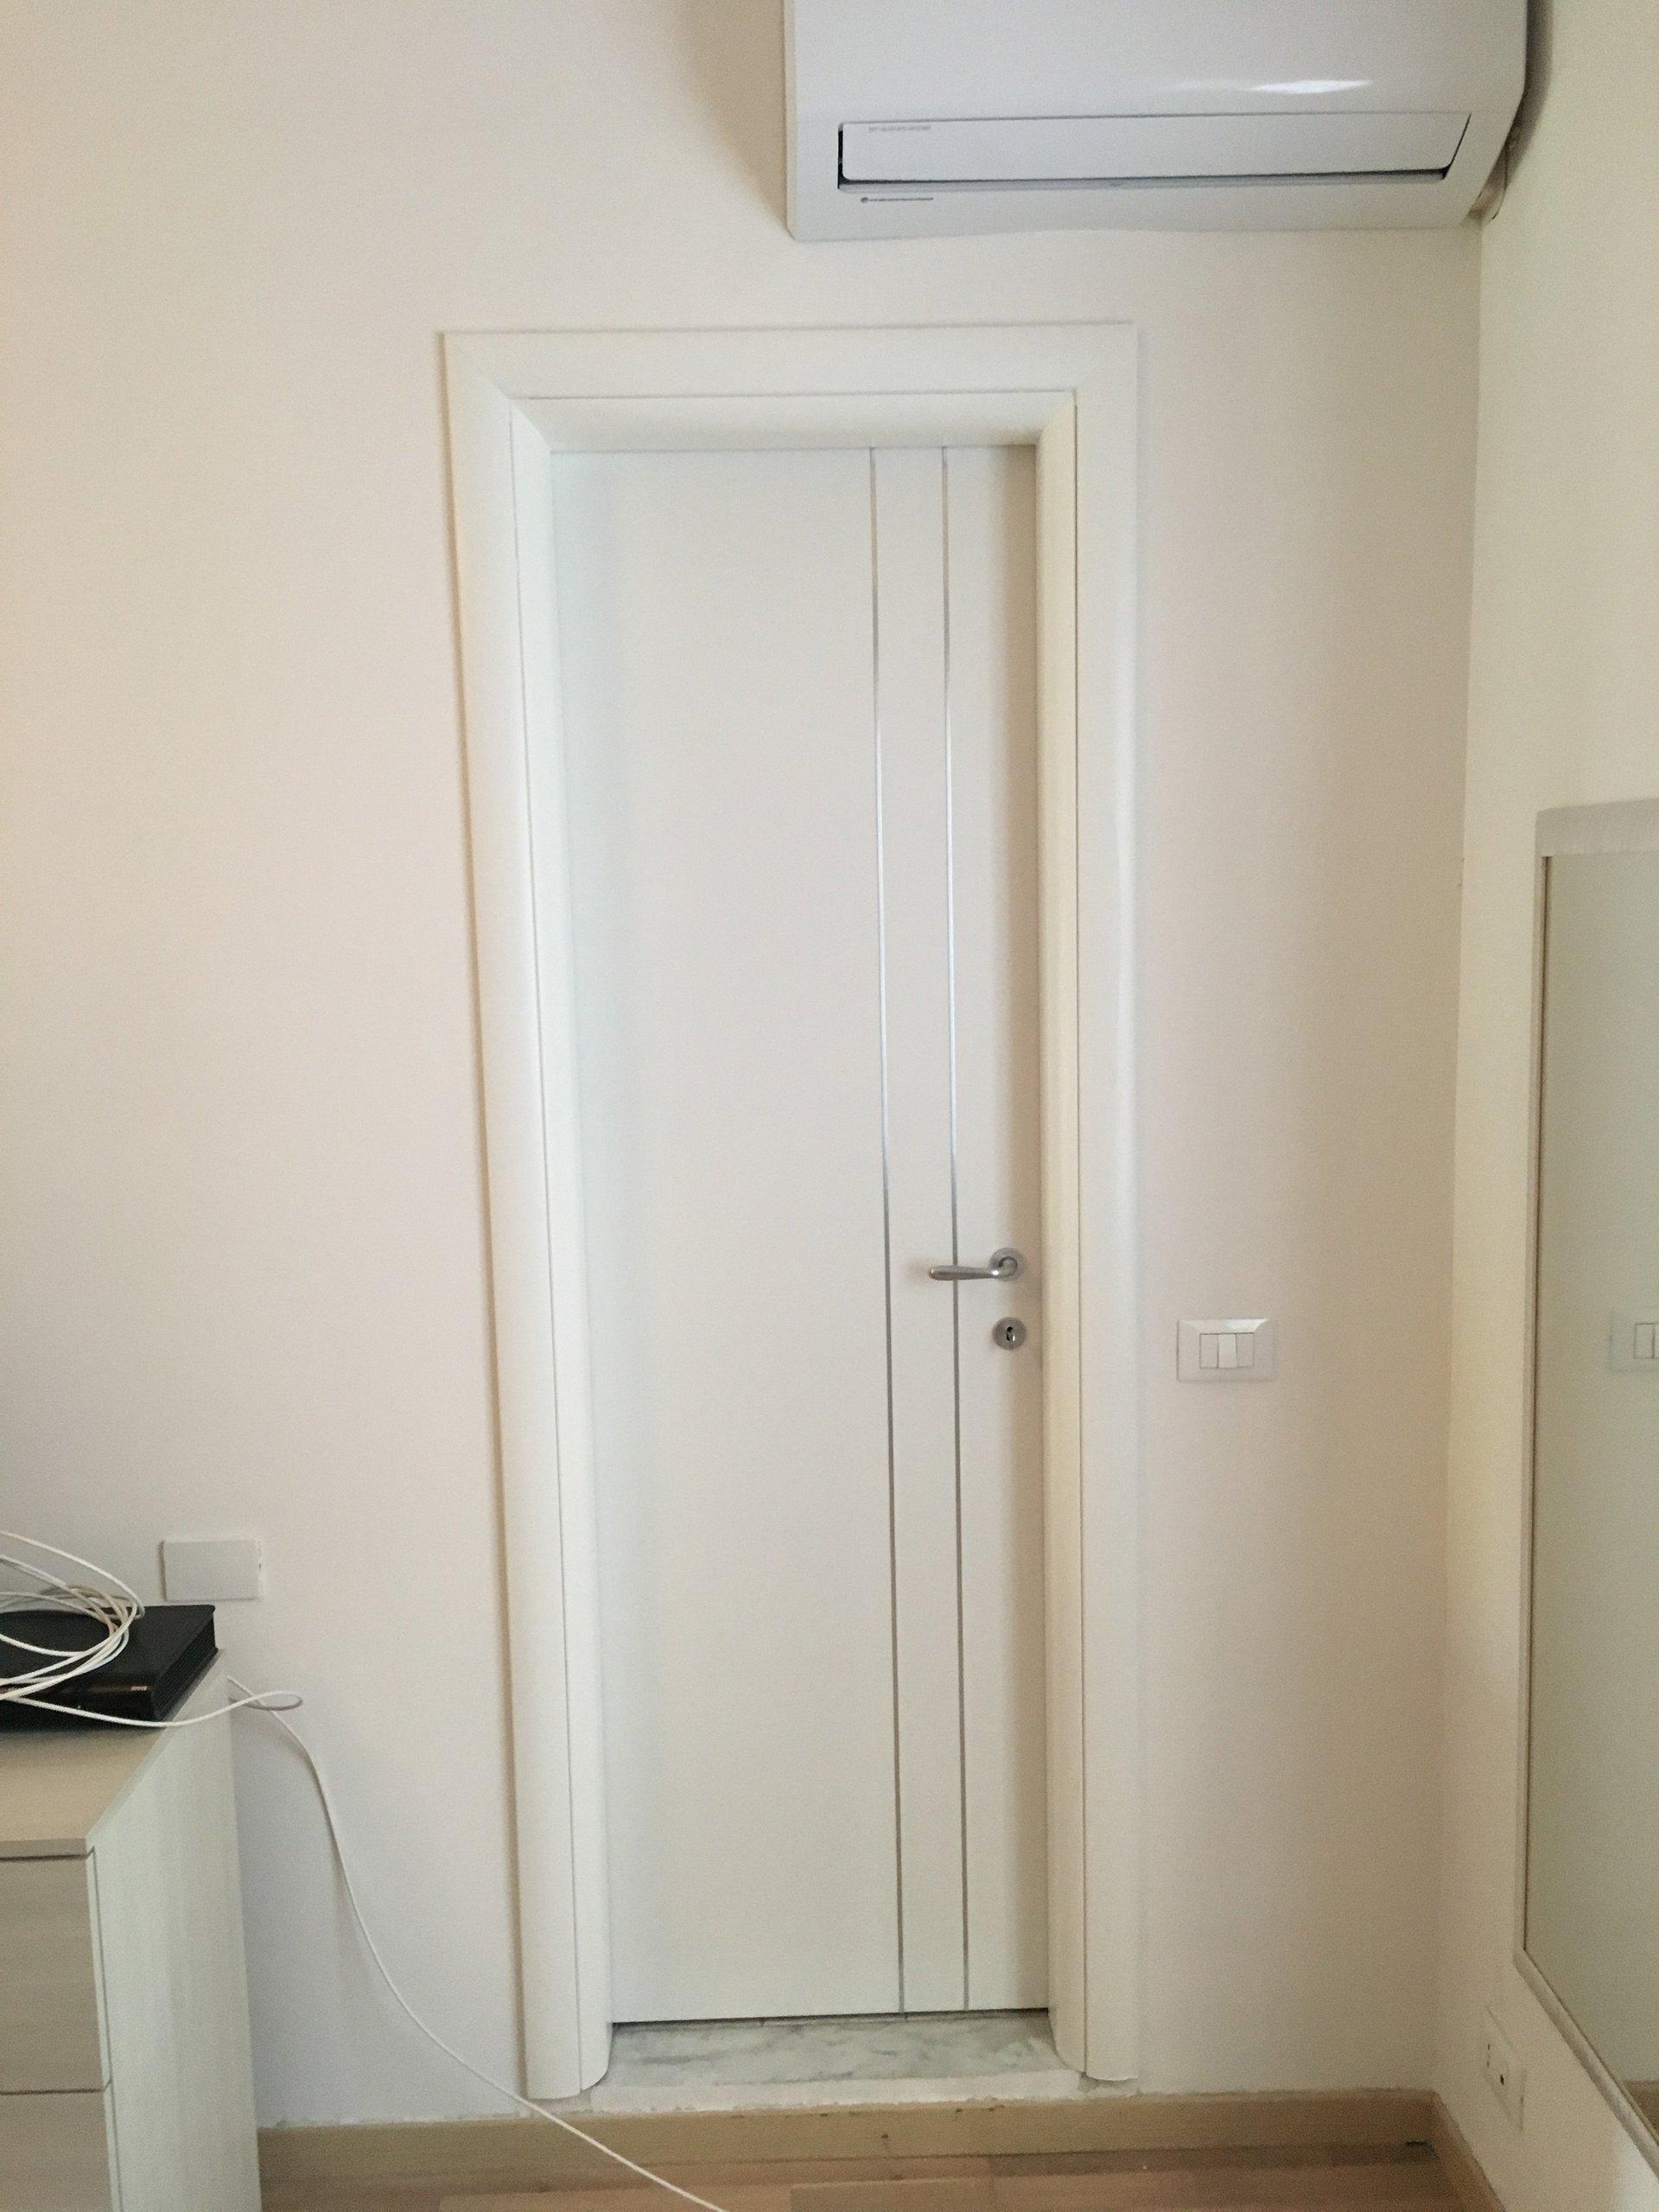 porta bianca con linee verticali